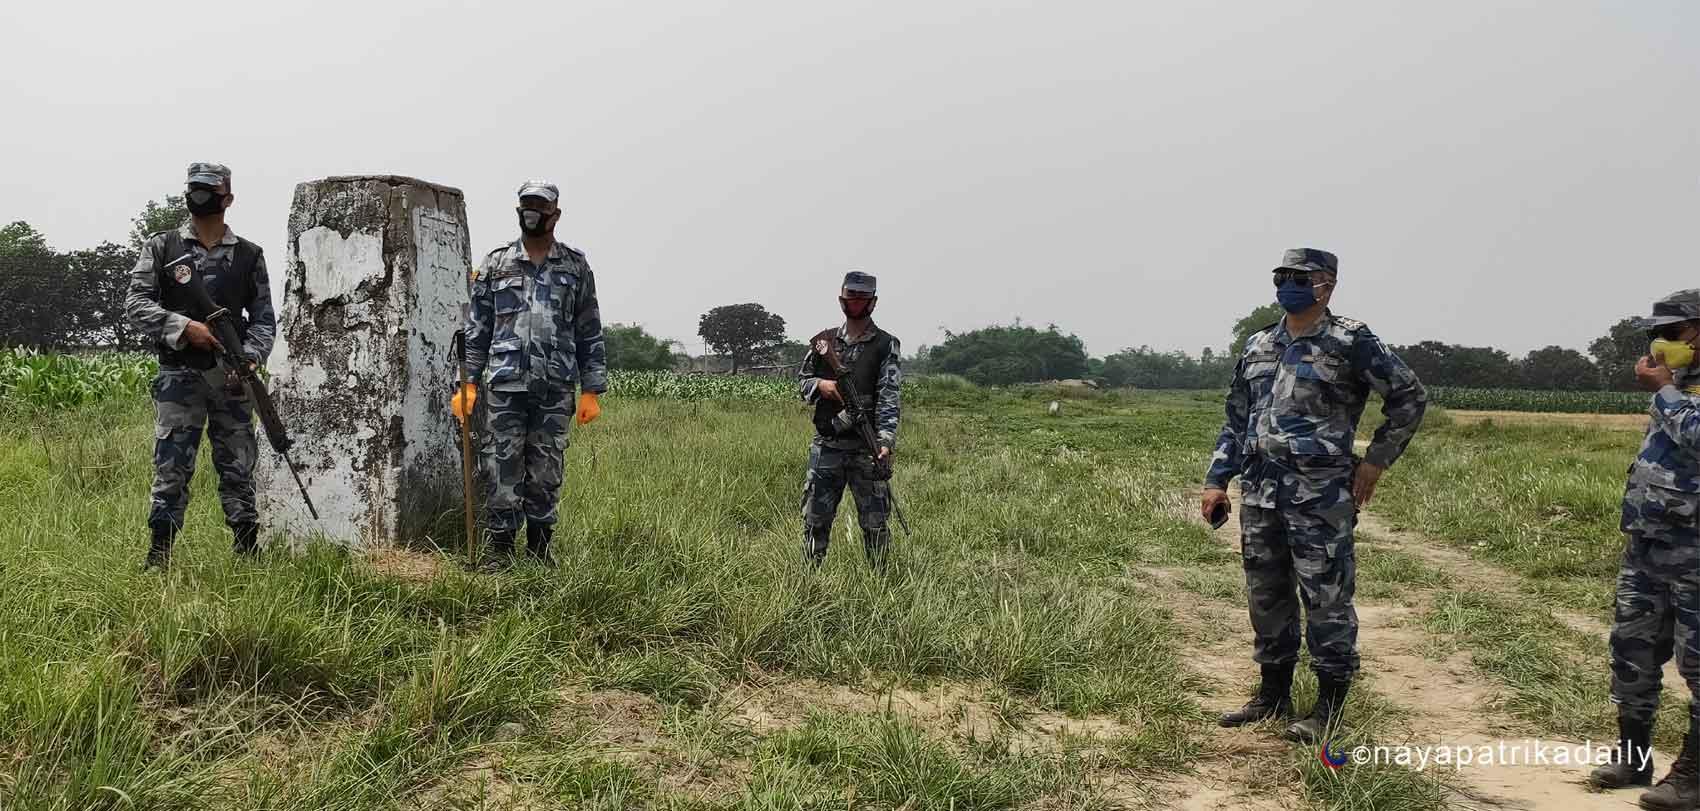 रातको समयमा भारतबाट नेपाल भित्रिने क्रम बढेपछि सीमा क्षेत्रका बासिन्दा त्रसित